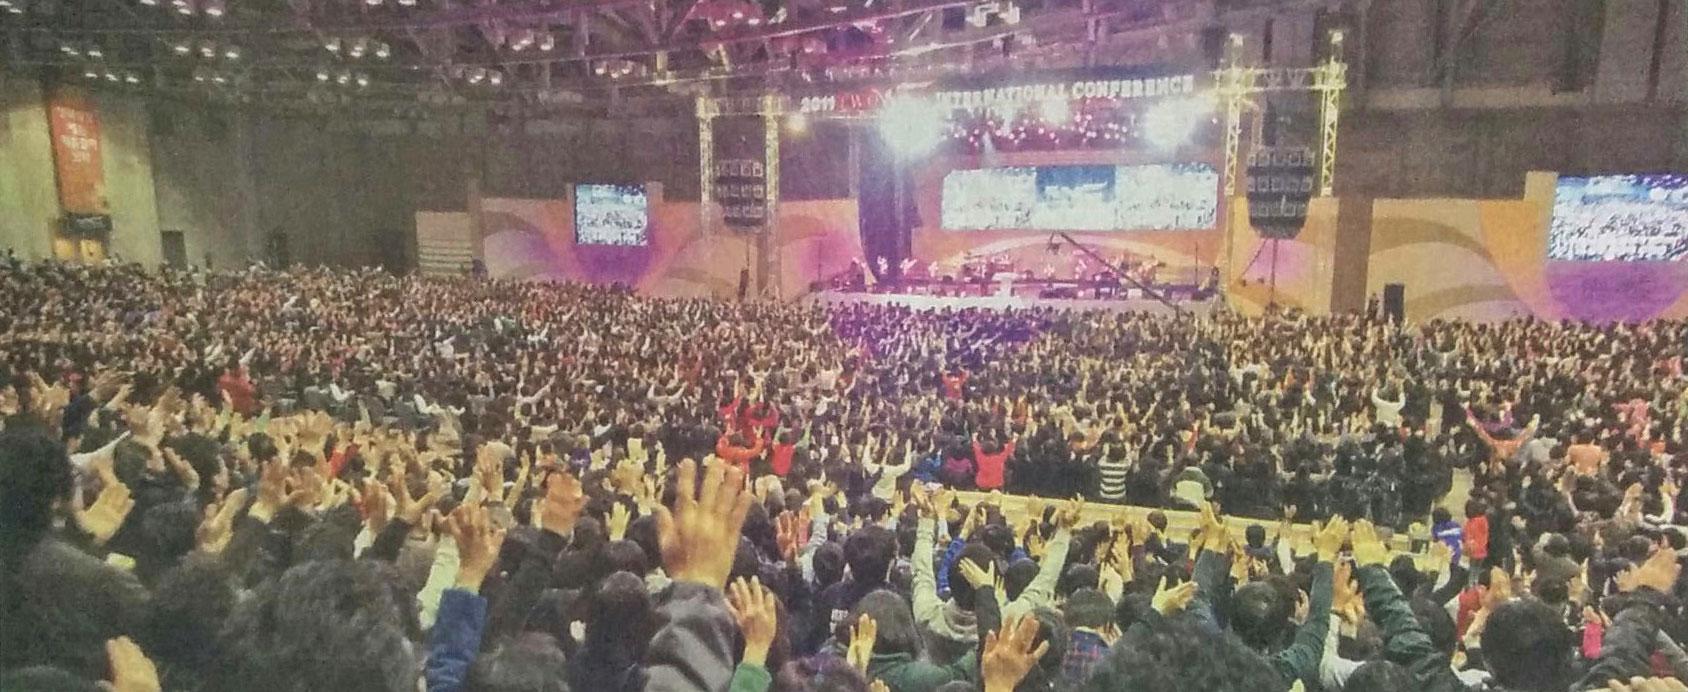 성령충만·교회성장 향한 열정-2011두날개국제컨퍼런스